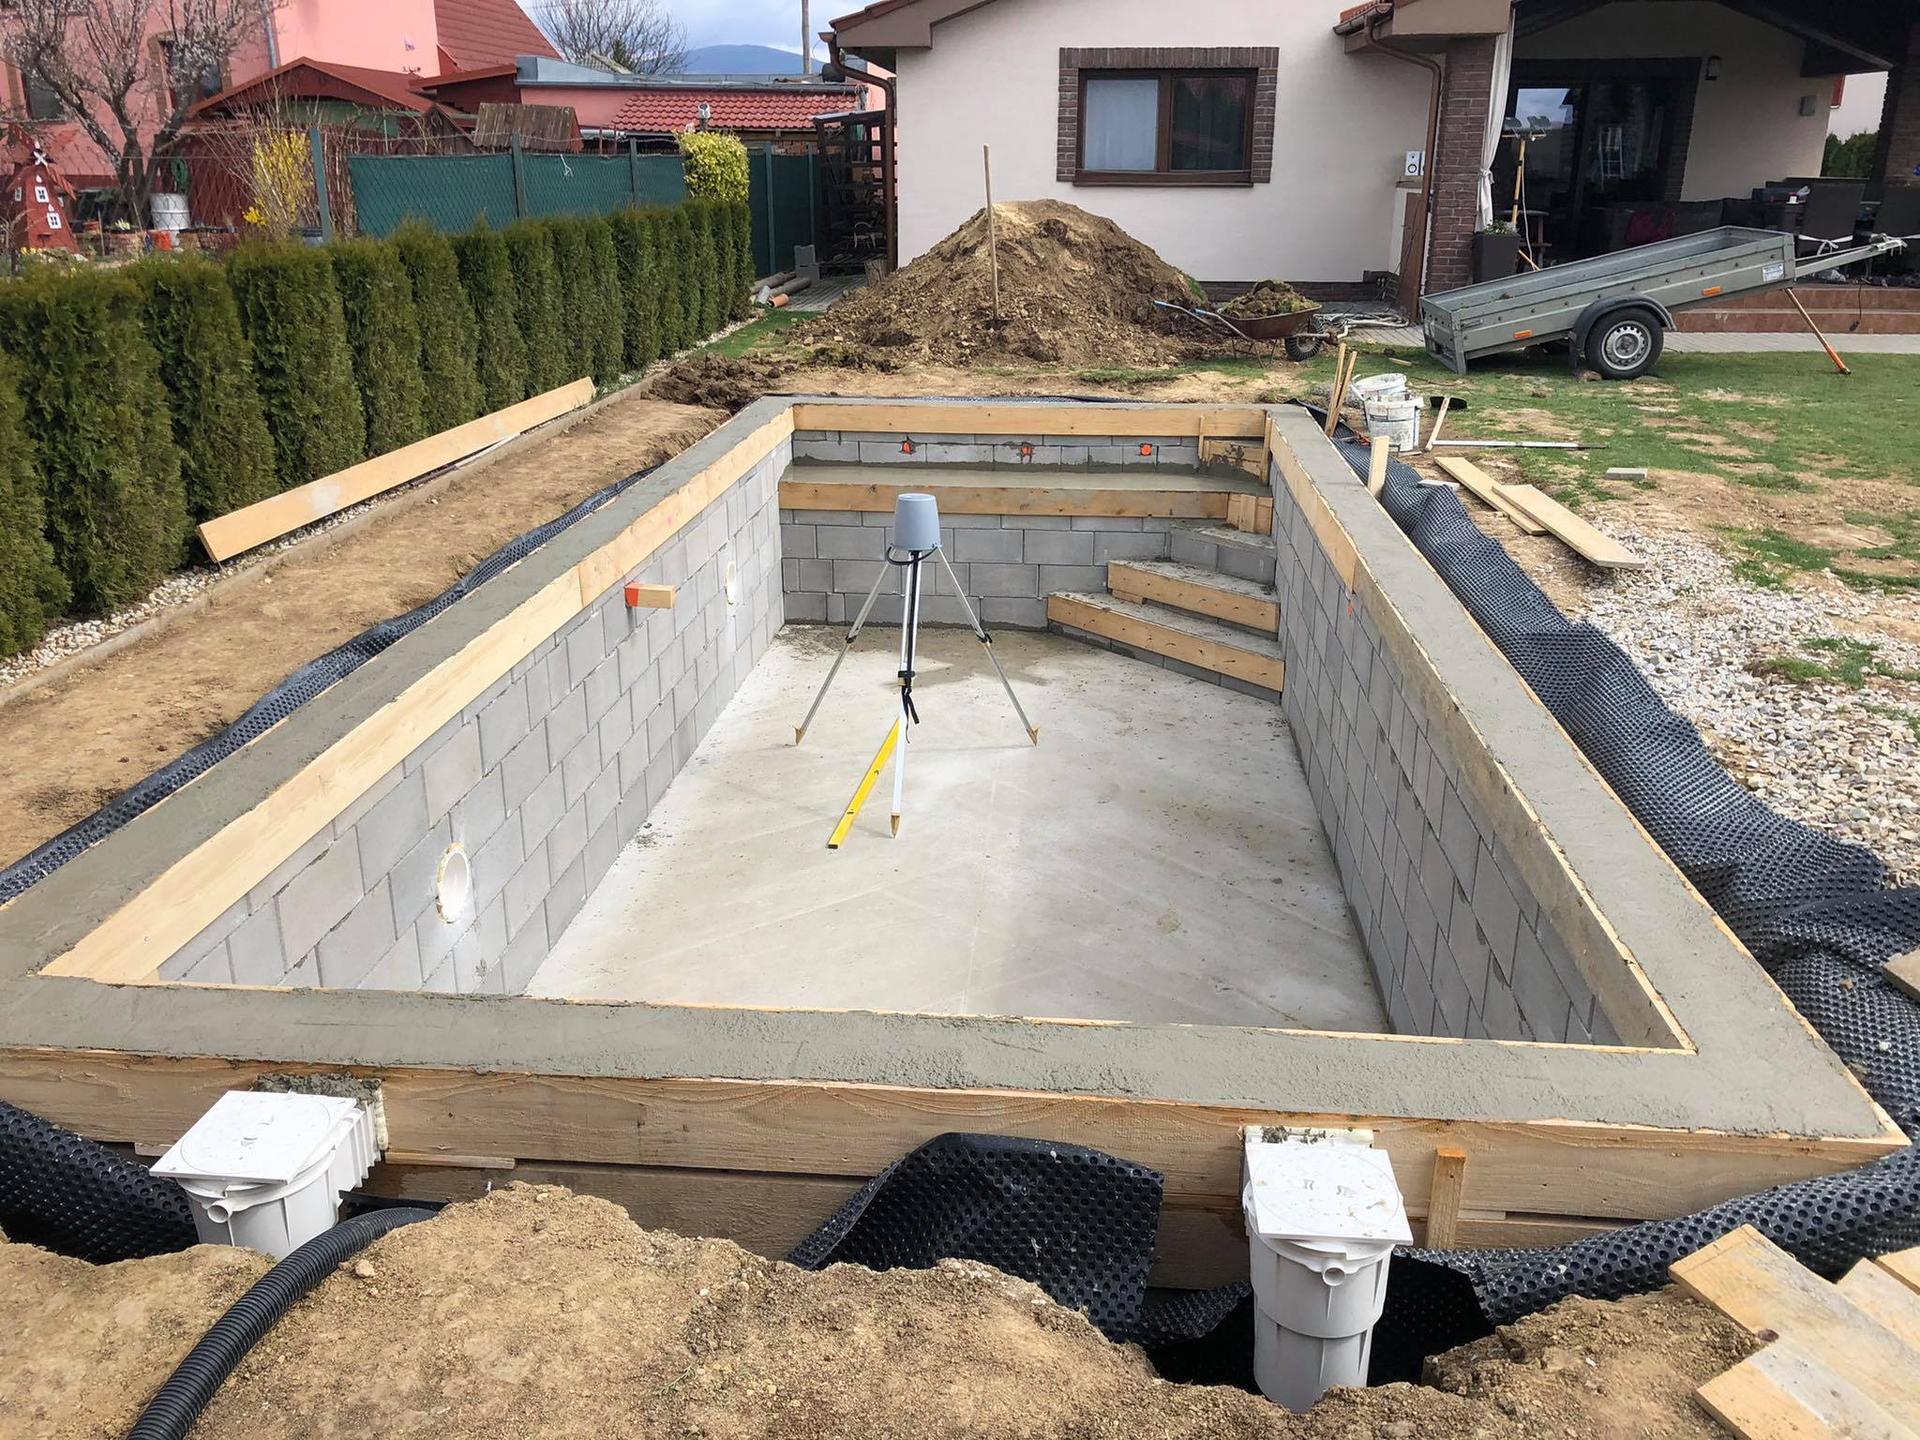 murovany bazen 9x4 svojpomocne - Obrázok č. 3